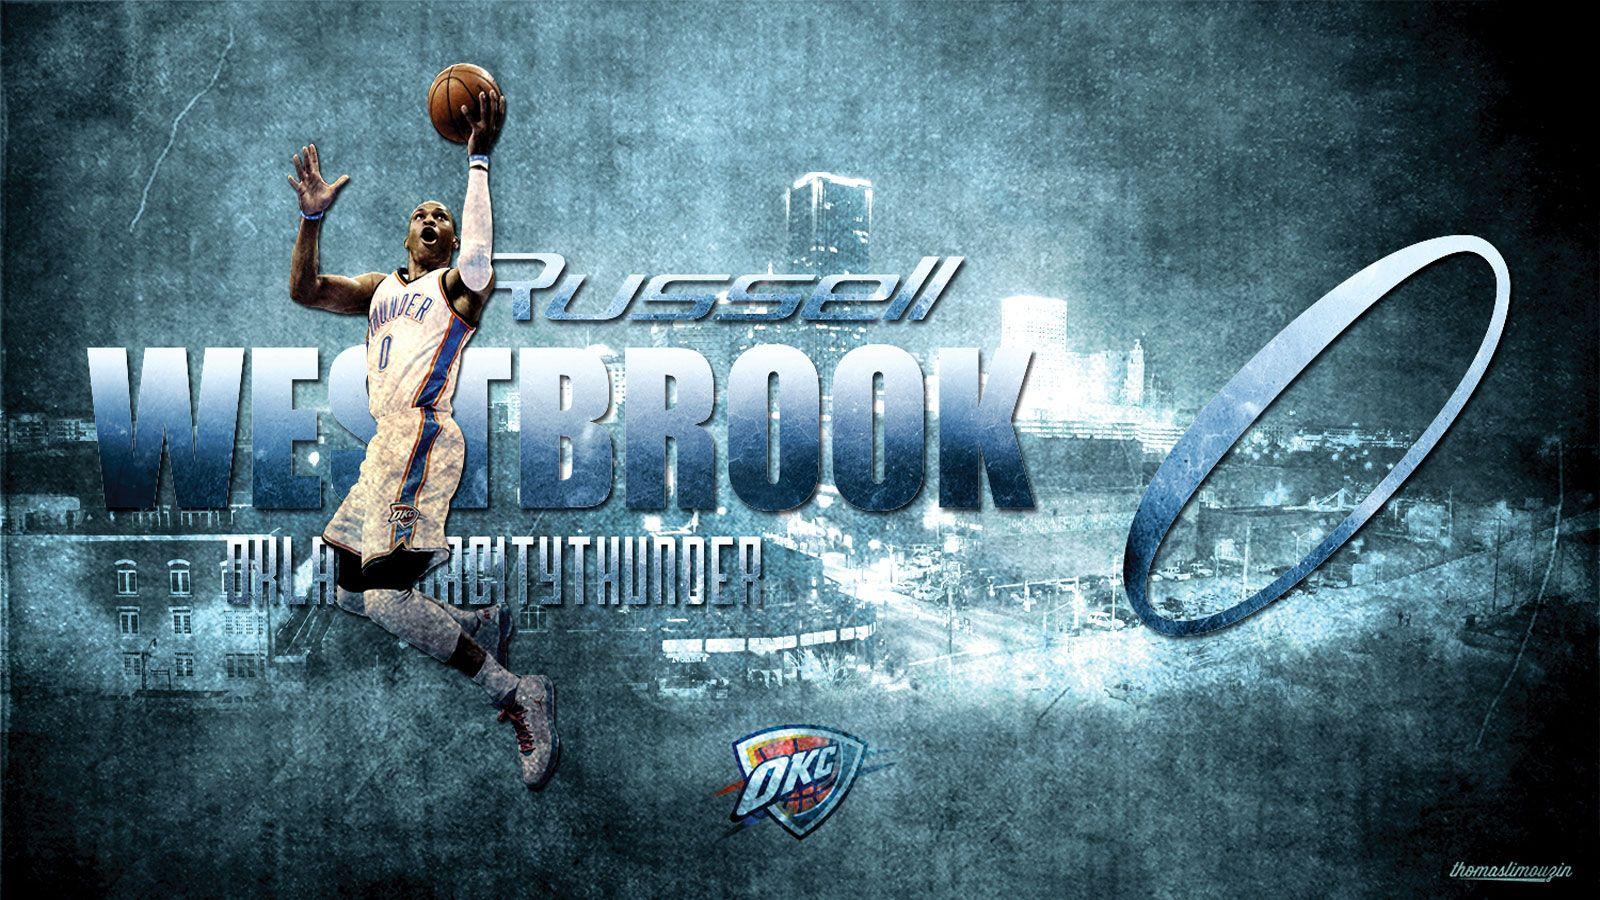 Splash Design On Instagram Russell Westbrook Westbrook Wallpapers Russell Westbrook Wallpaper Russell Westbrook